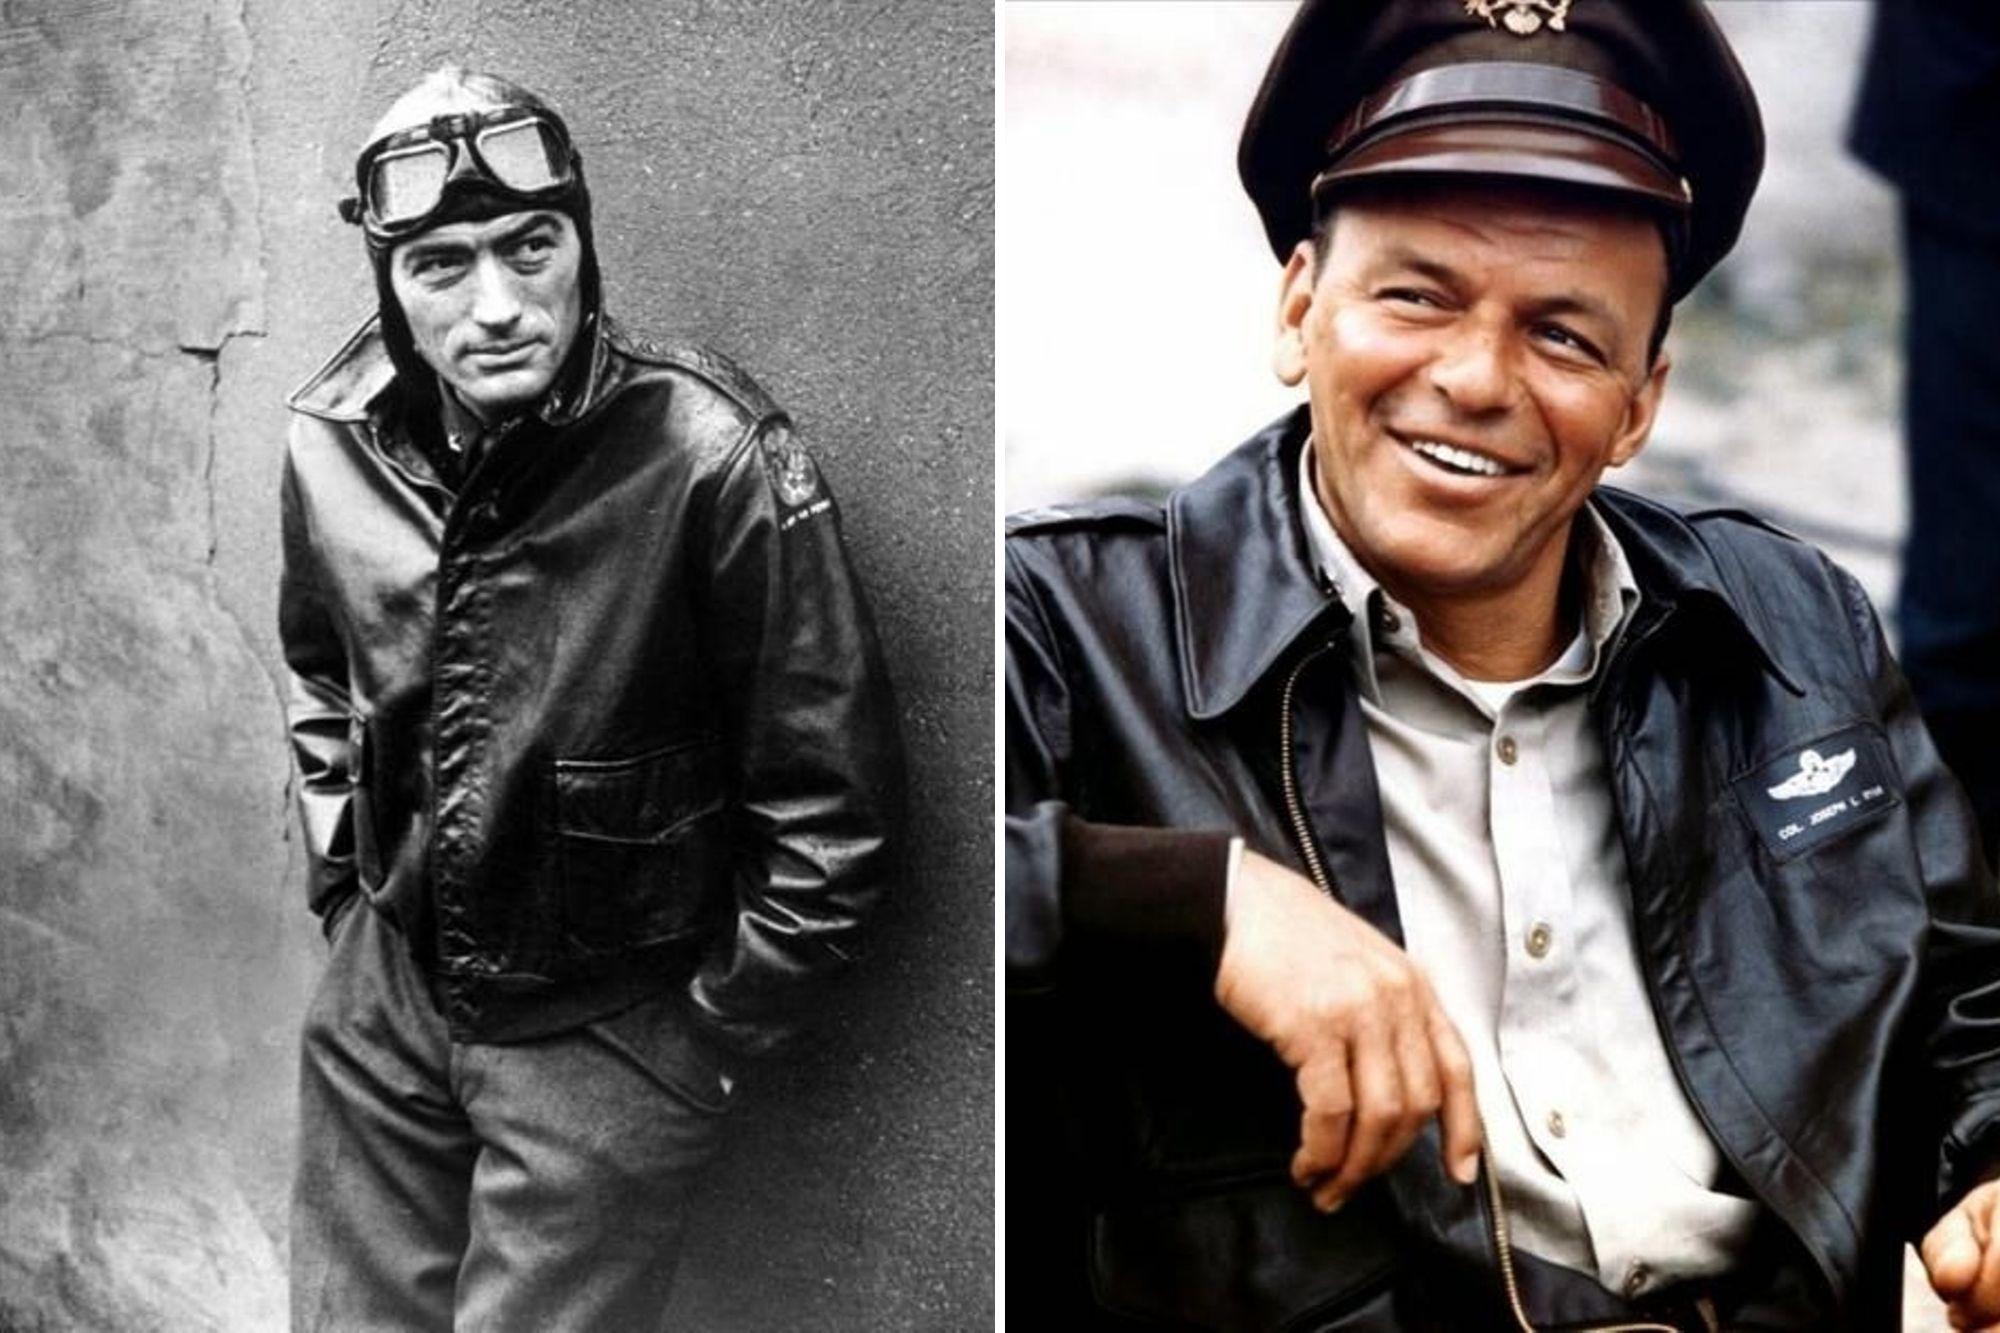 Gregory Peck i Frank Sinatra w kurtce lotniczej A2